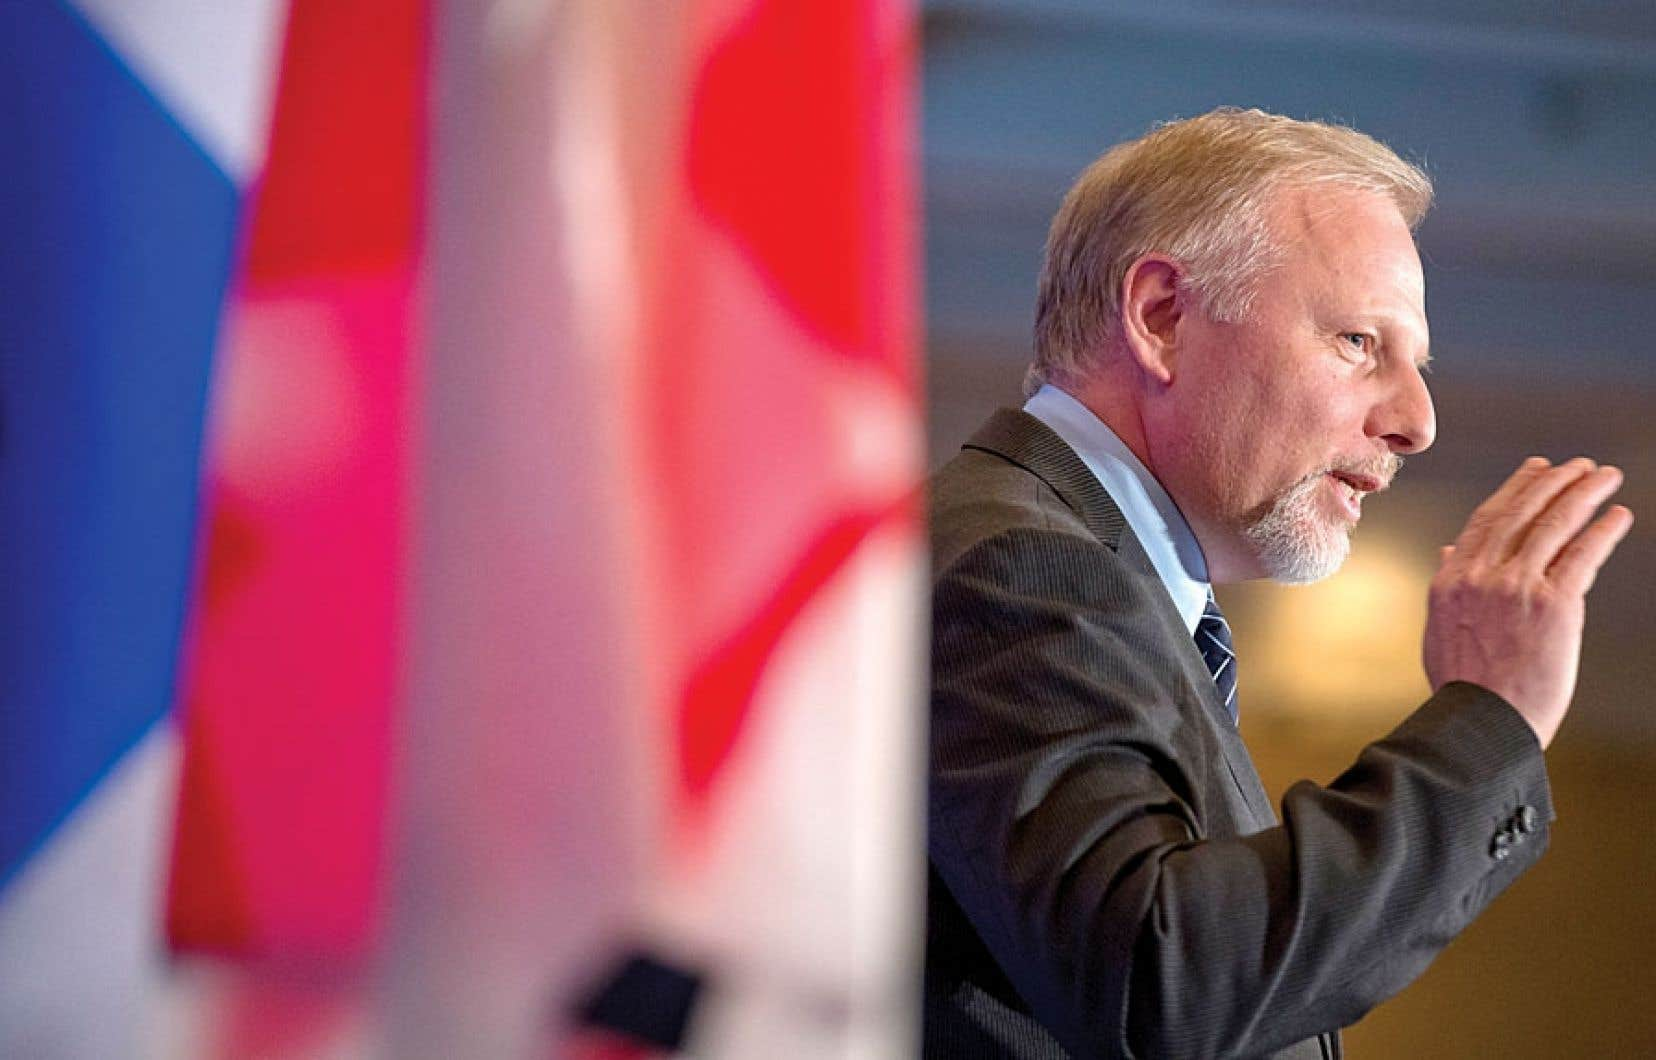 Le ministre Jean-François Lisée s'est exprimé lundi devant 650 personnes, gens d'affaires, universitaires et représentants d'organisations internationales.